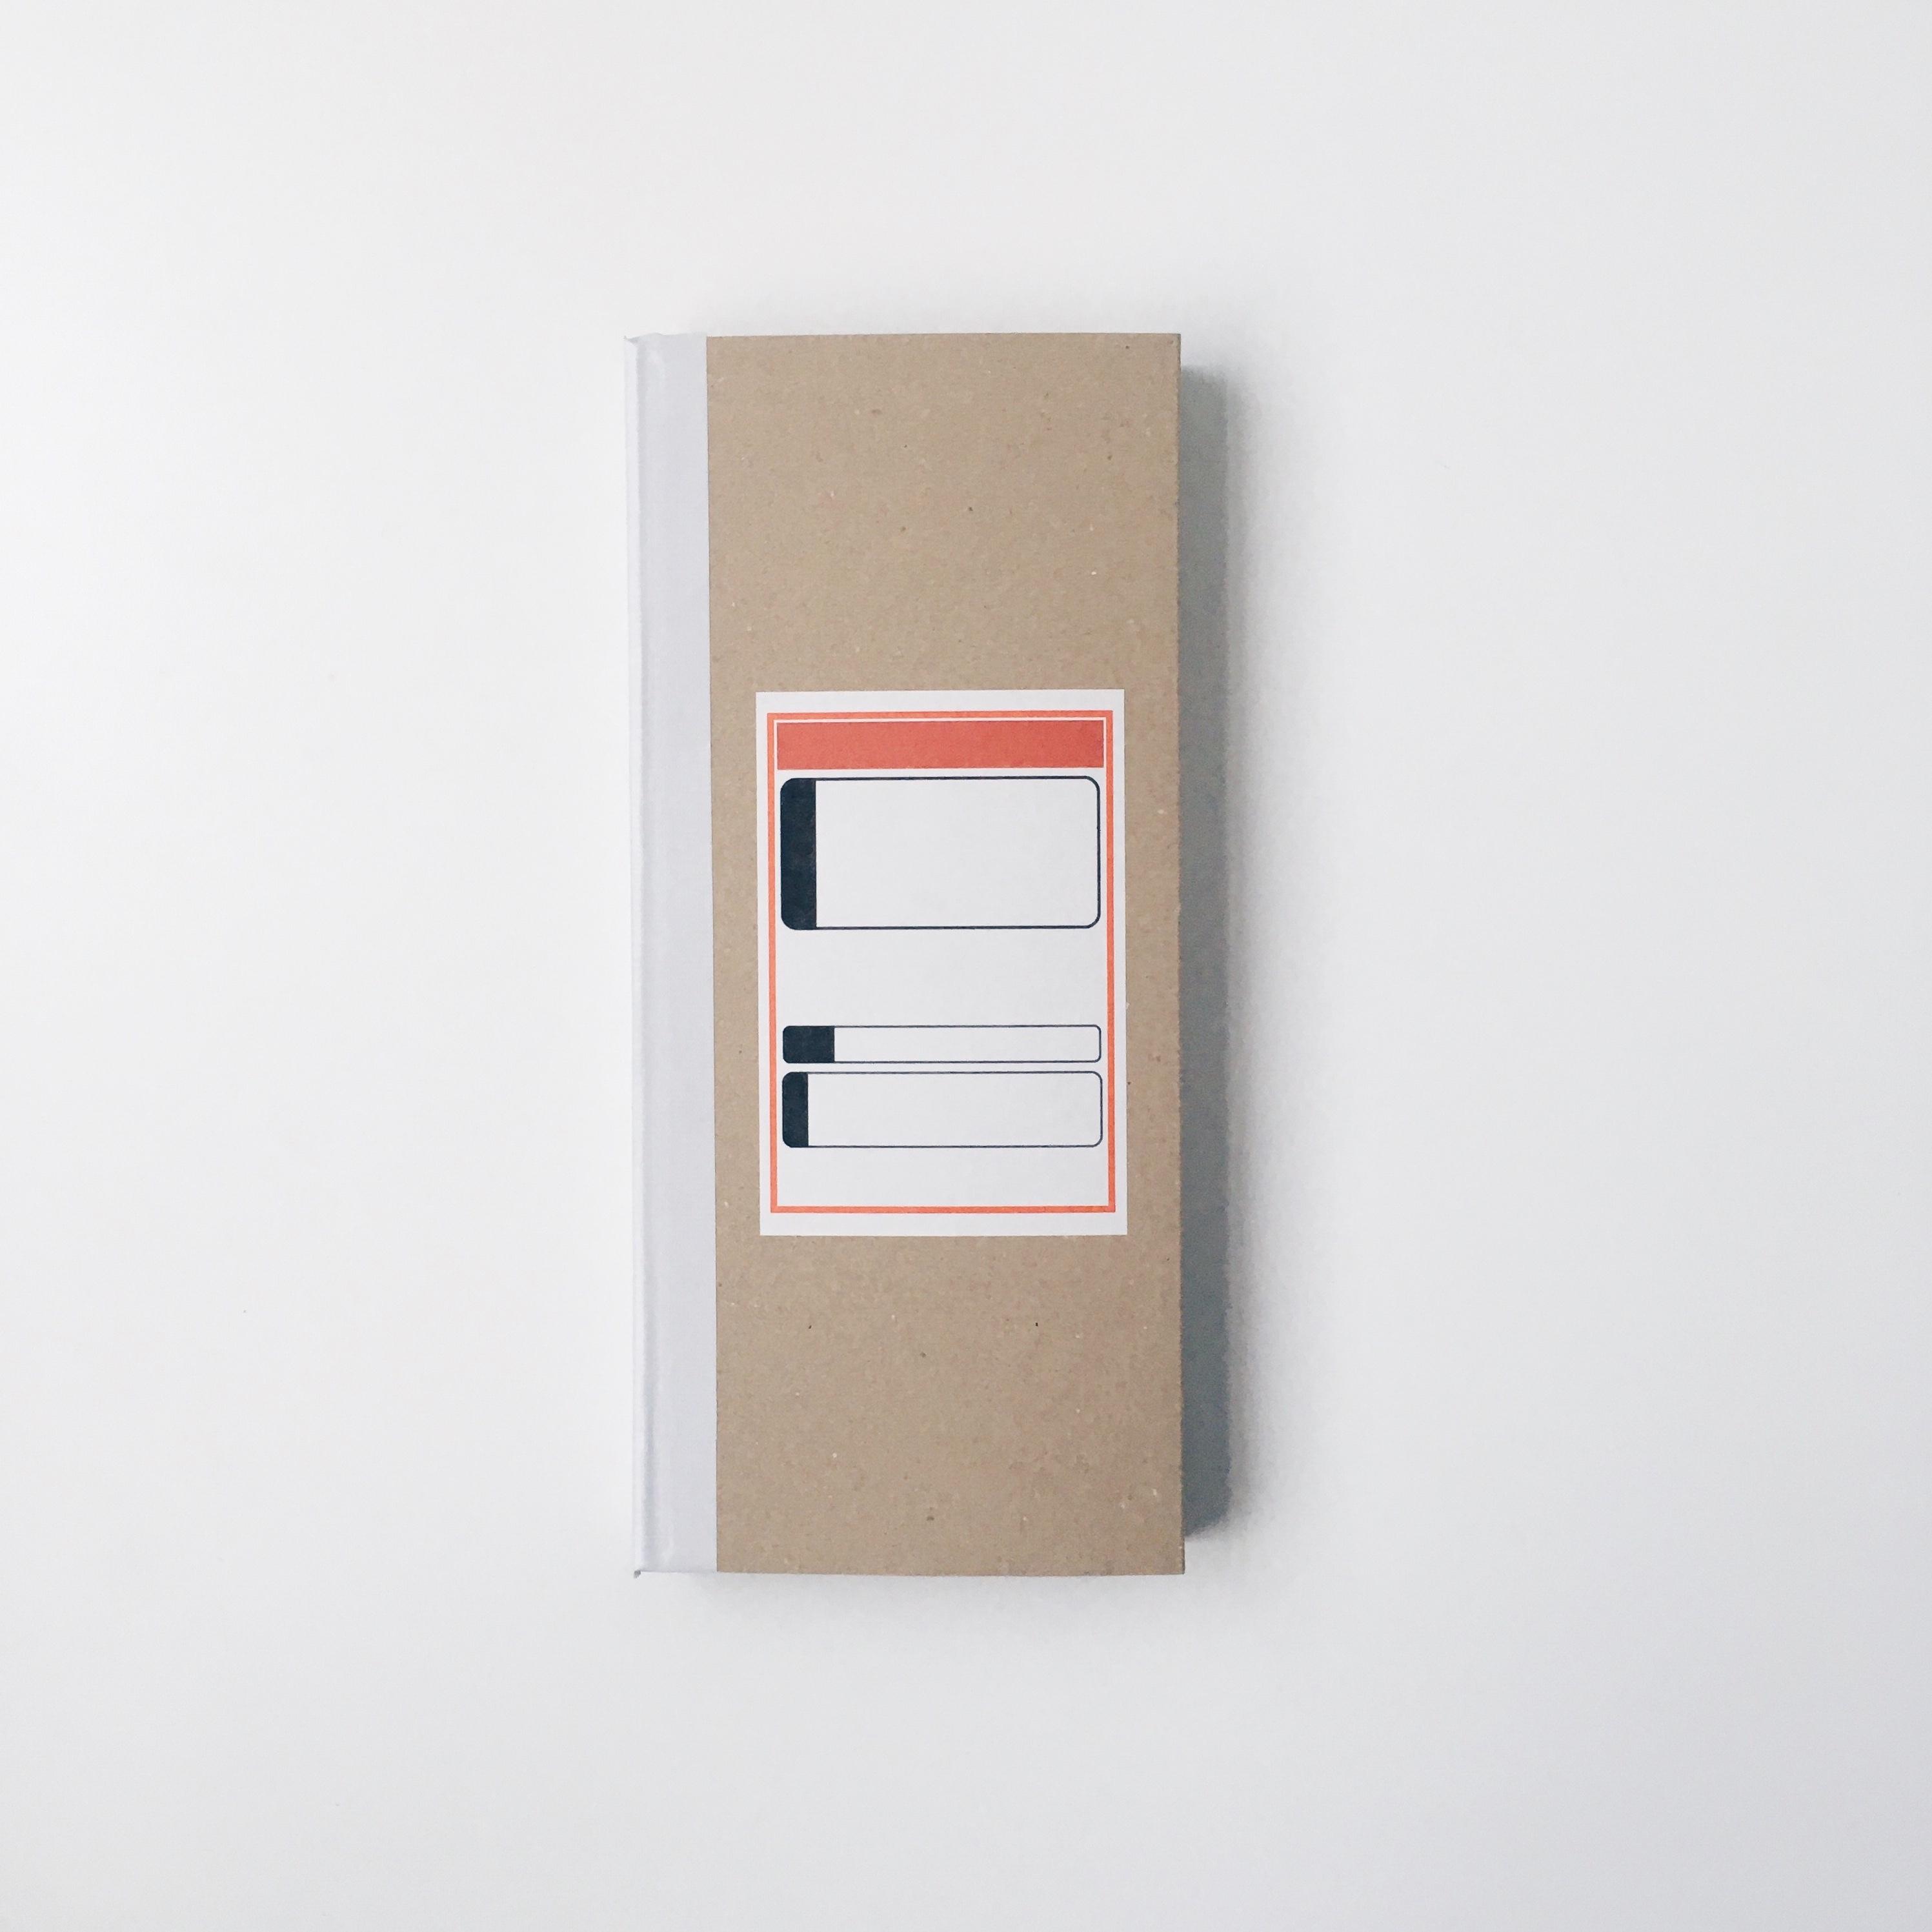 3PAIRS - NATURAL, WHITE, GRAY - 画像5